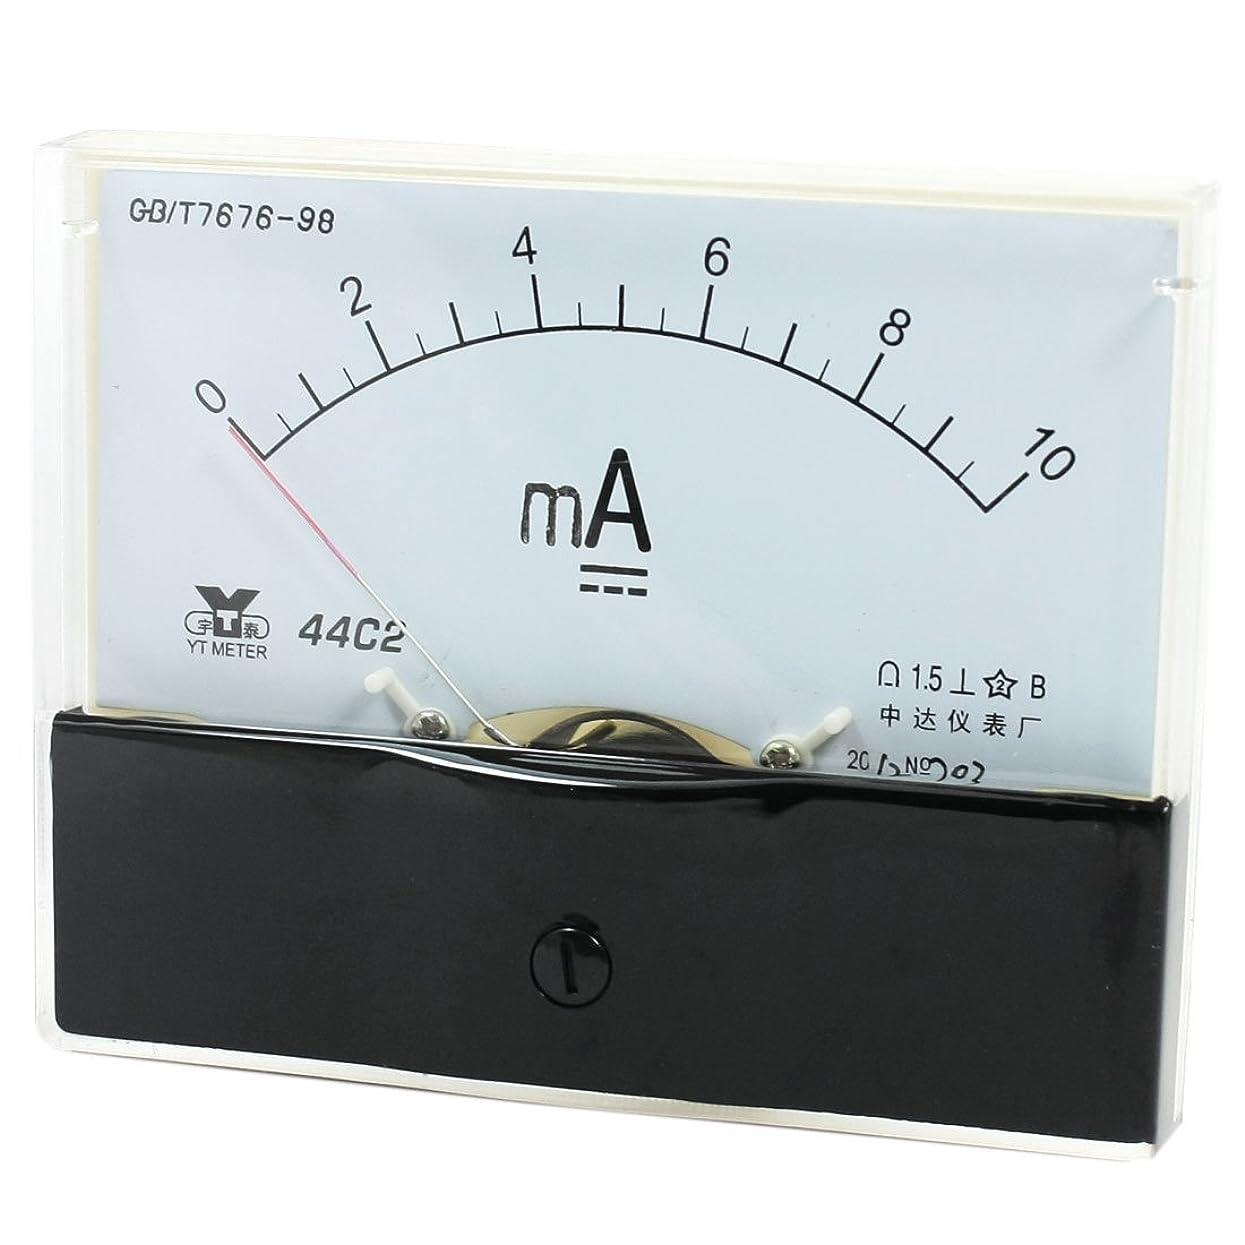 確かにバナーグレートオークuxcell アナログパネル電流計 アナログ電流計 0-10mA アンペアの範囲 44C2測定 DC ゲージ 精度:1.5